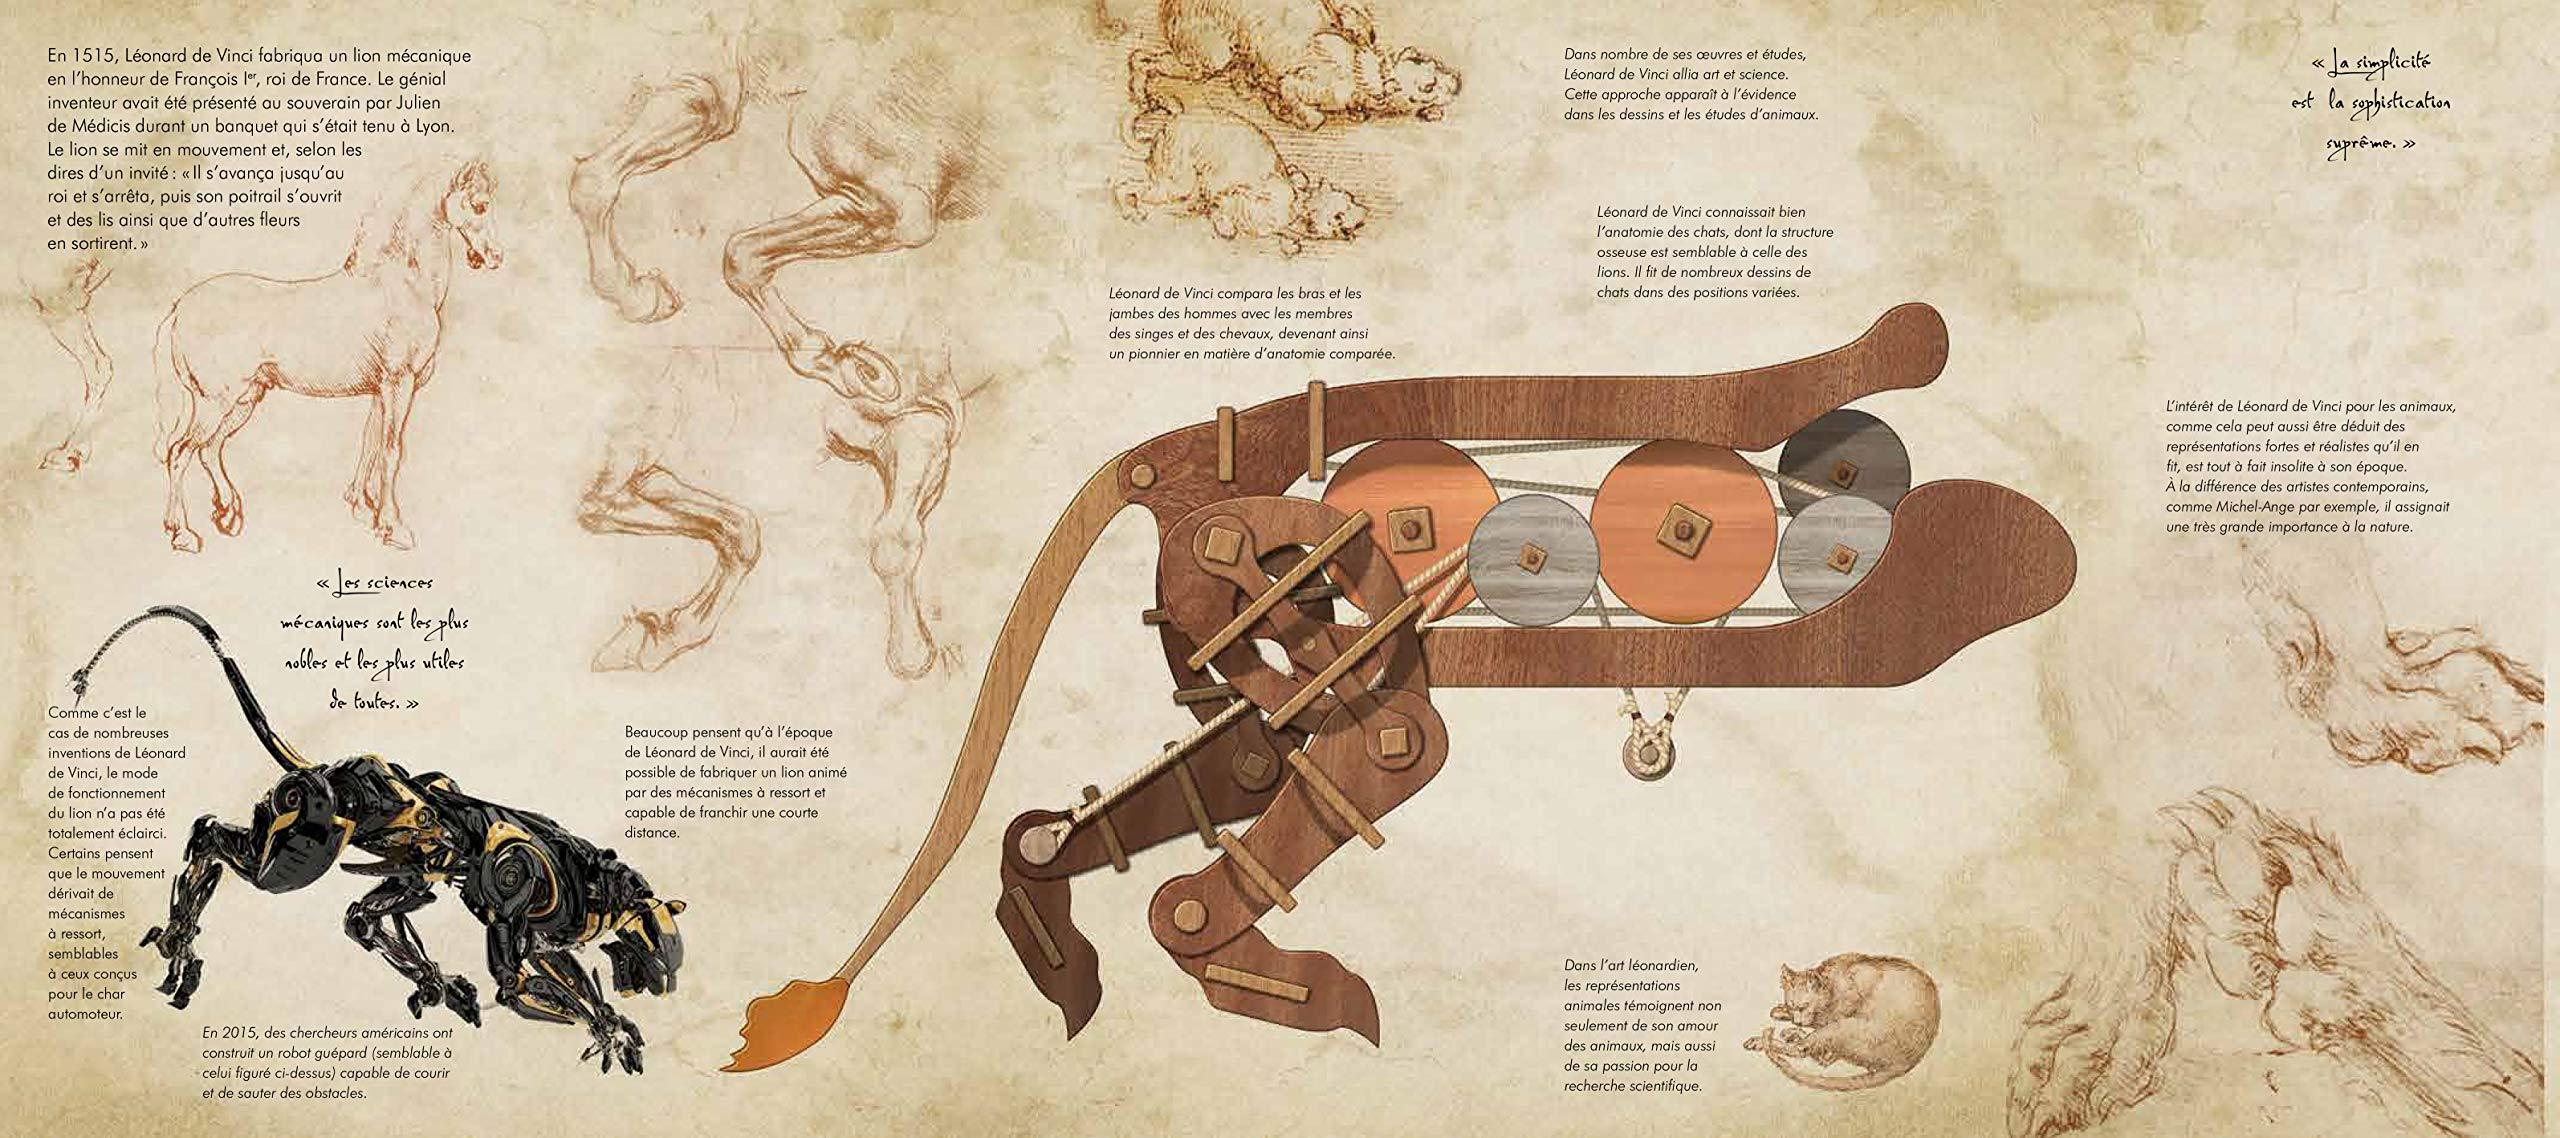 Vinci magicien et maitre de cérémonies